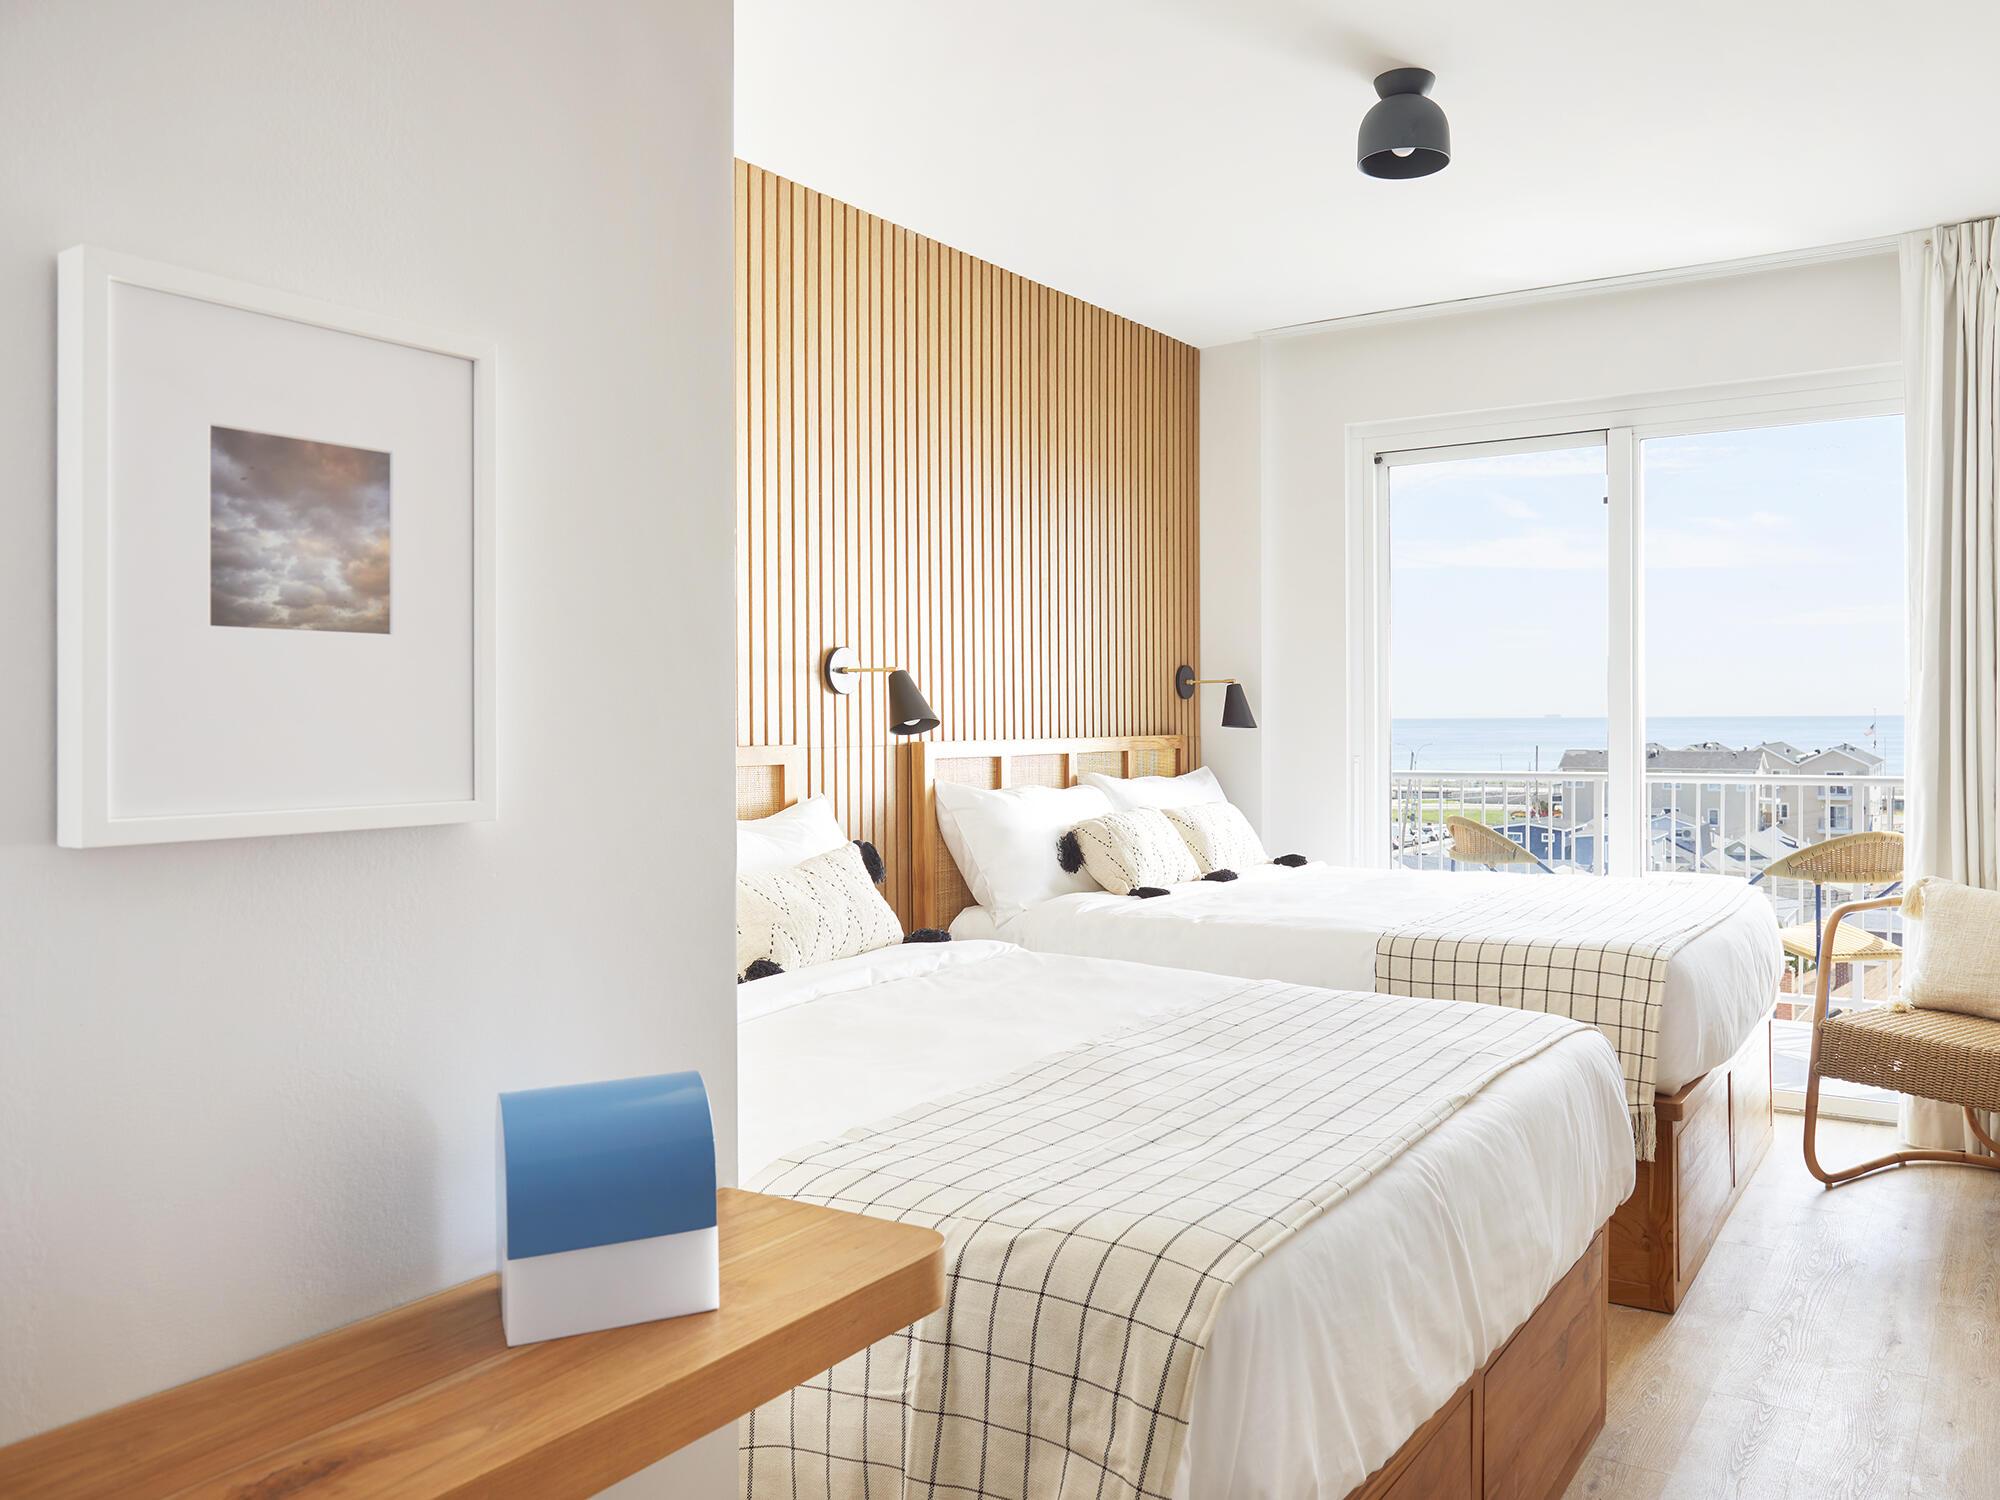 Deluxe Two Queen Ocean View room at The Rockaway Hotel